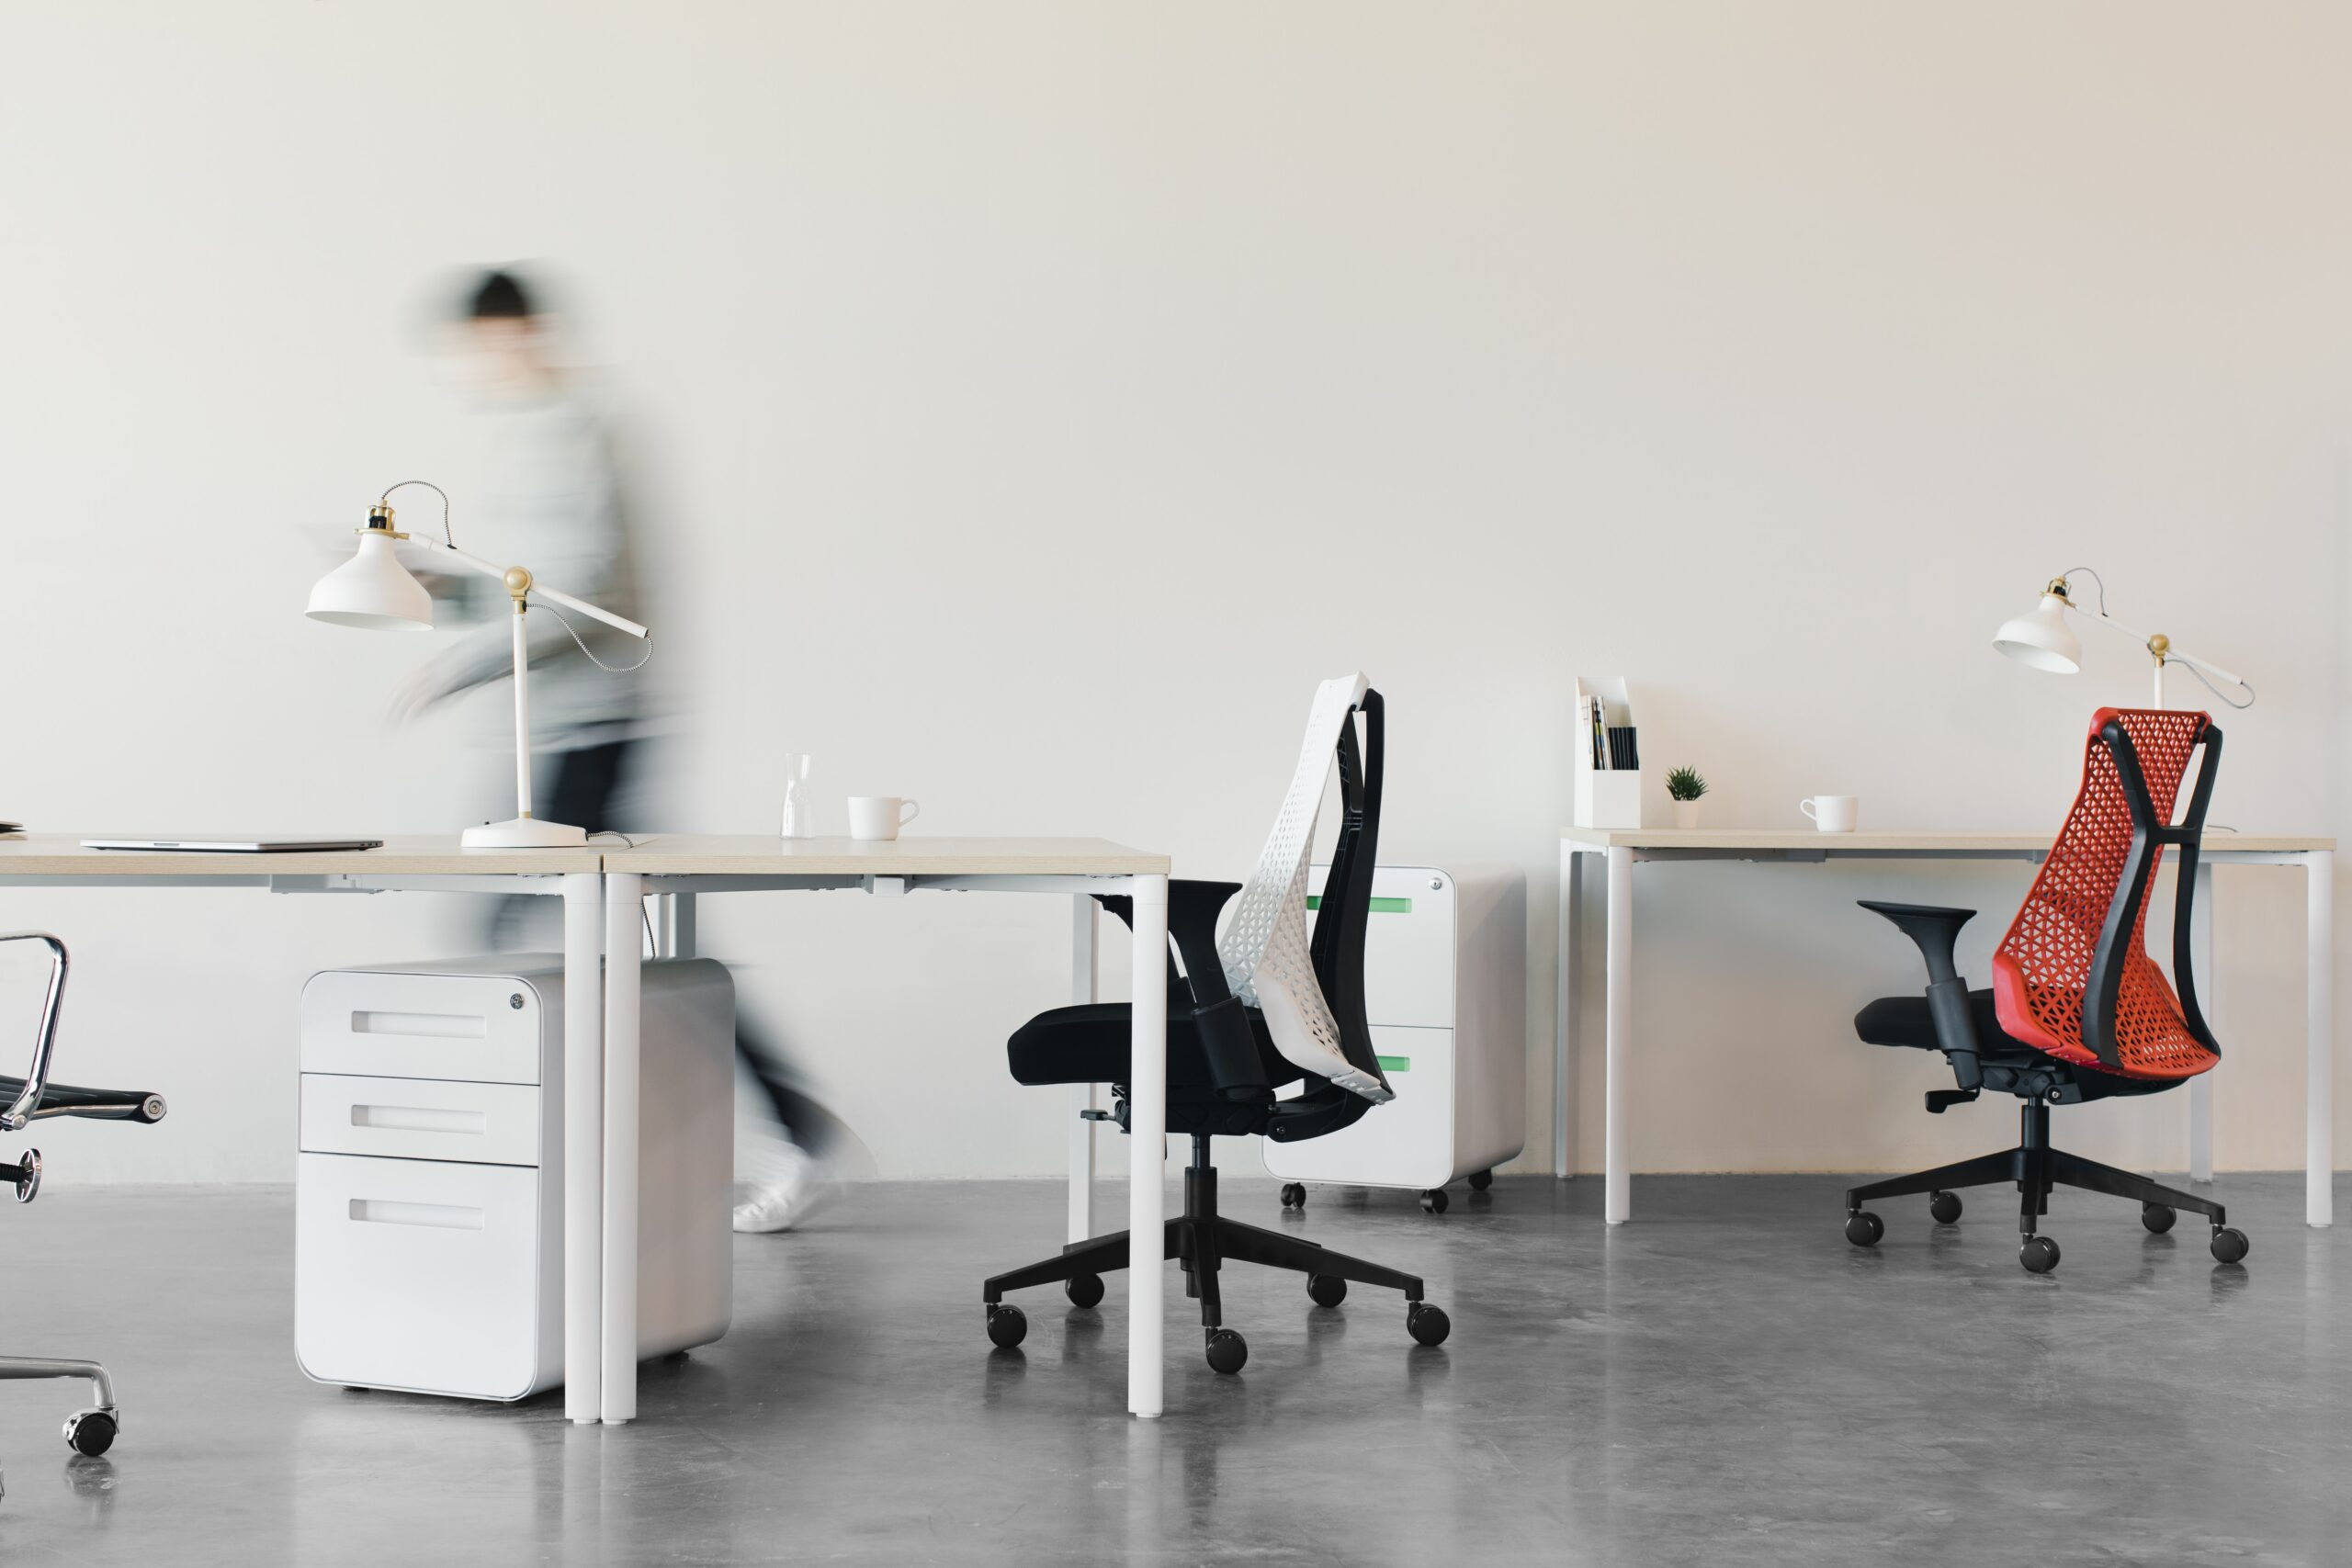 まとめ:オフィスデザインは採用活動とブランド力に密接に関係している